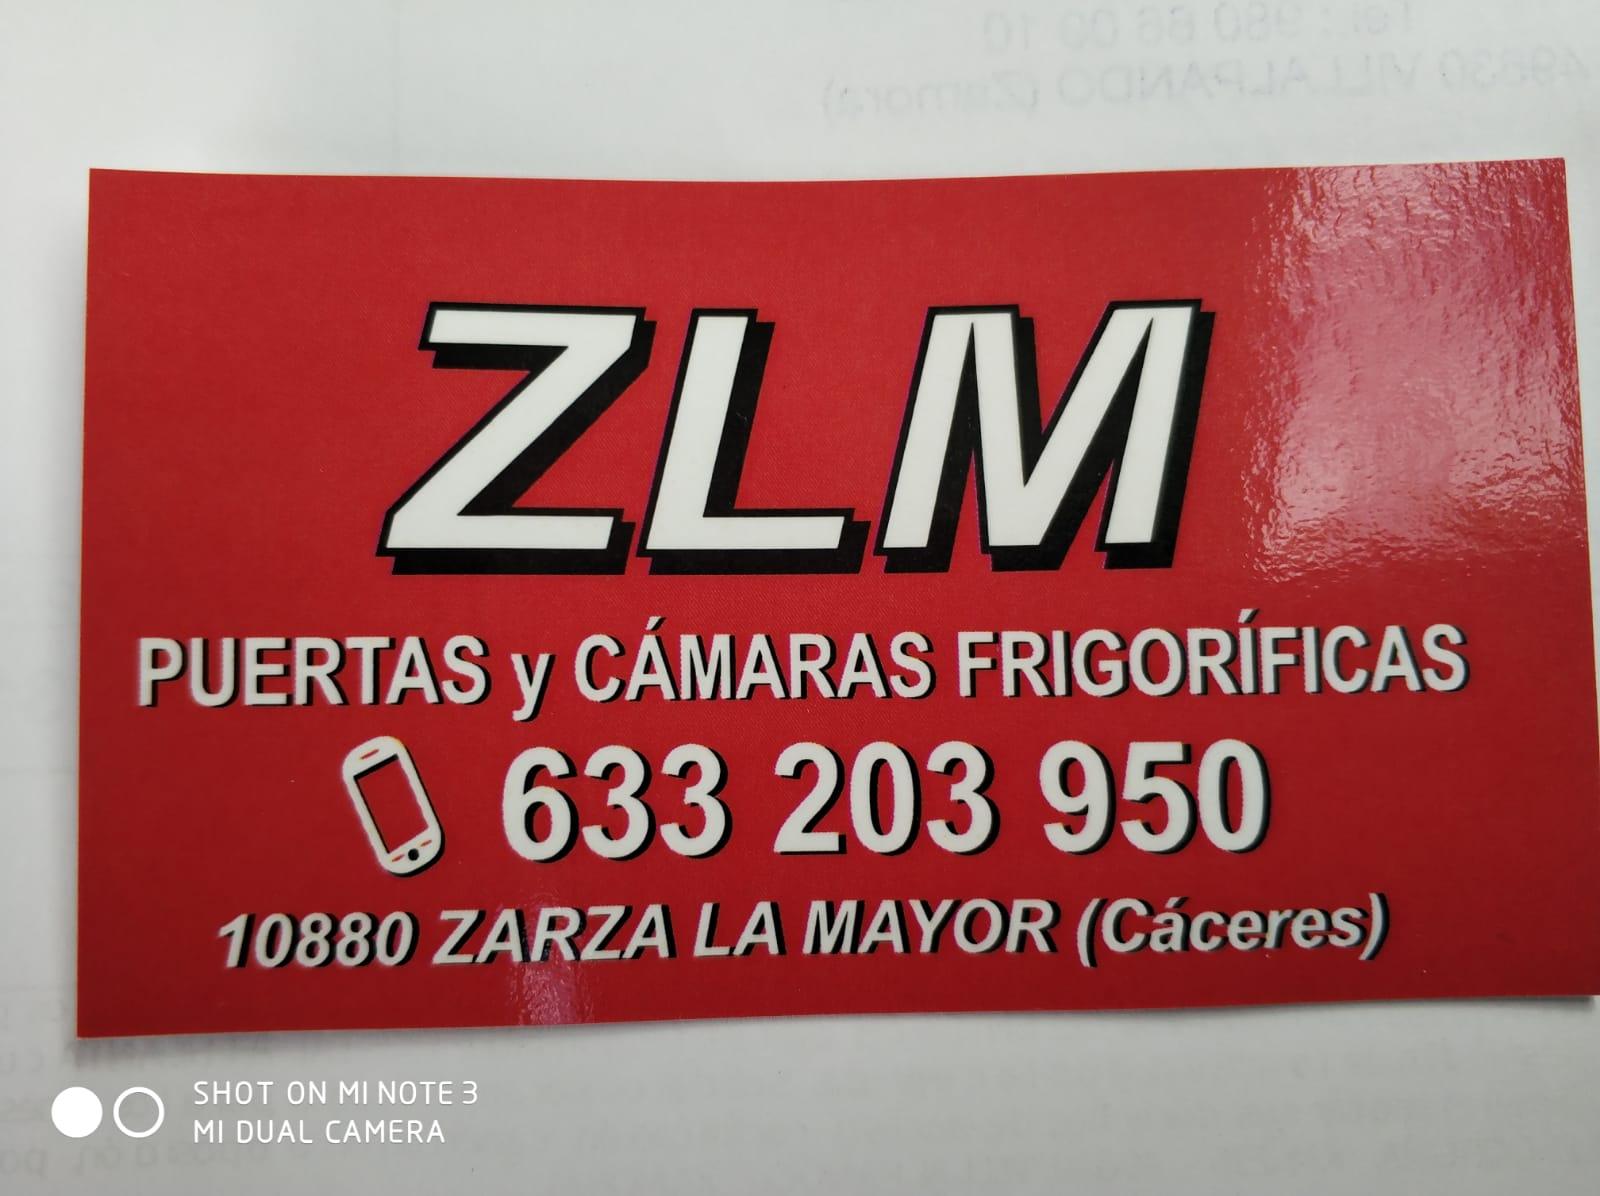 ZLM Puertas y Cámaras Frigoríficas